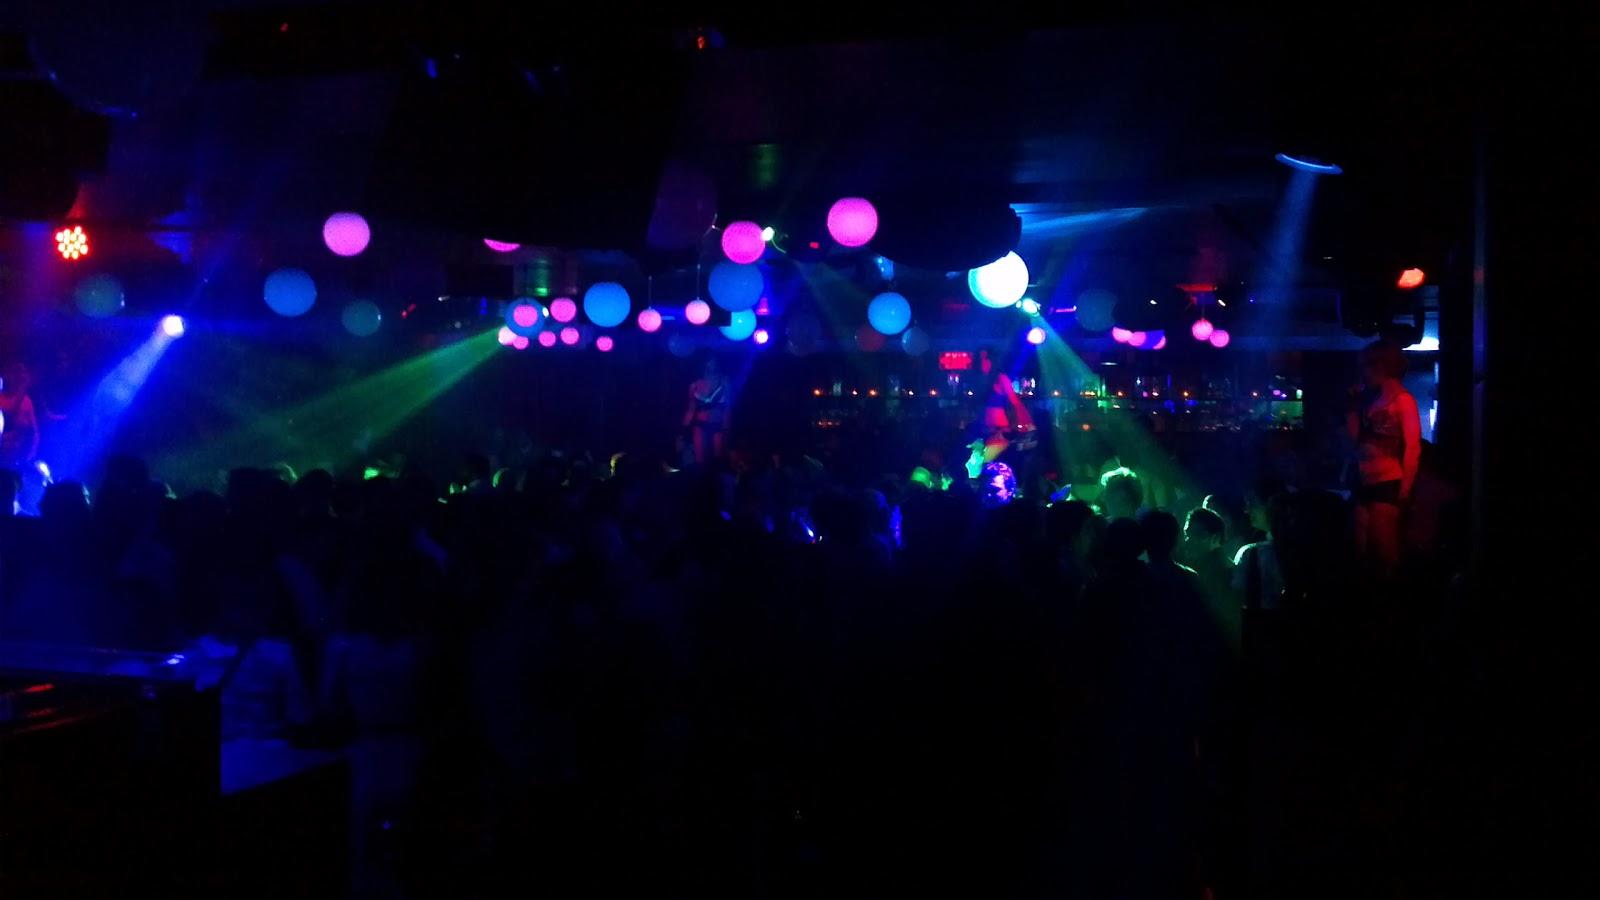 Супер фото в клубе 5 фотография